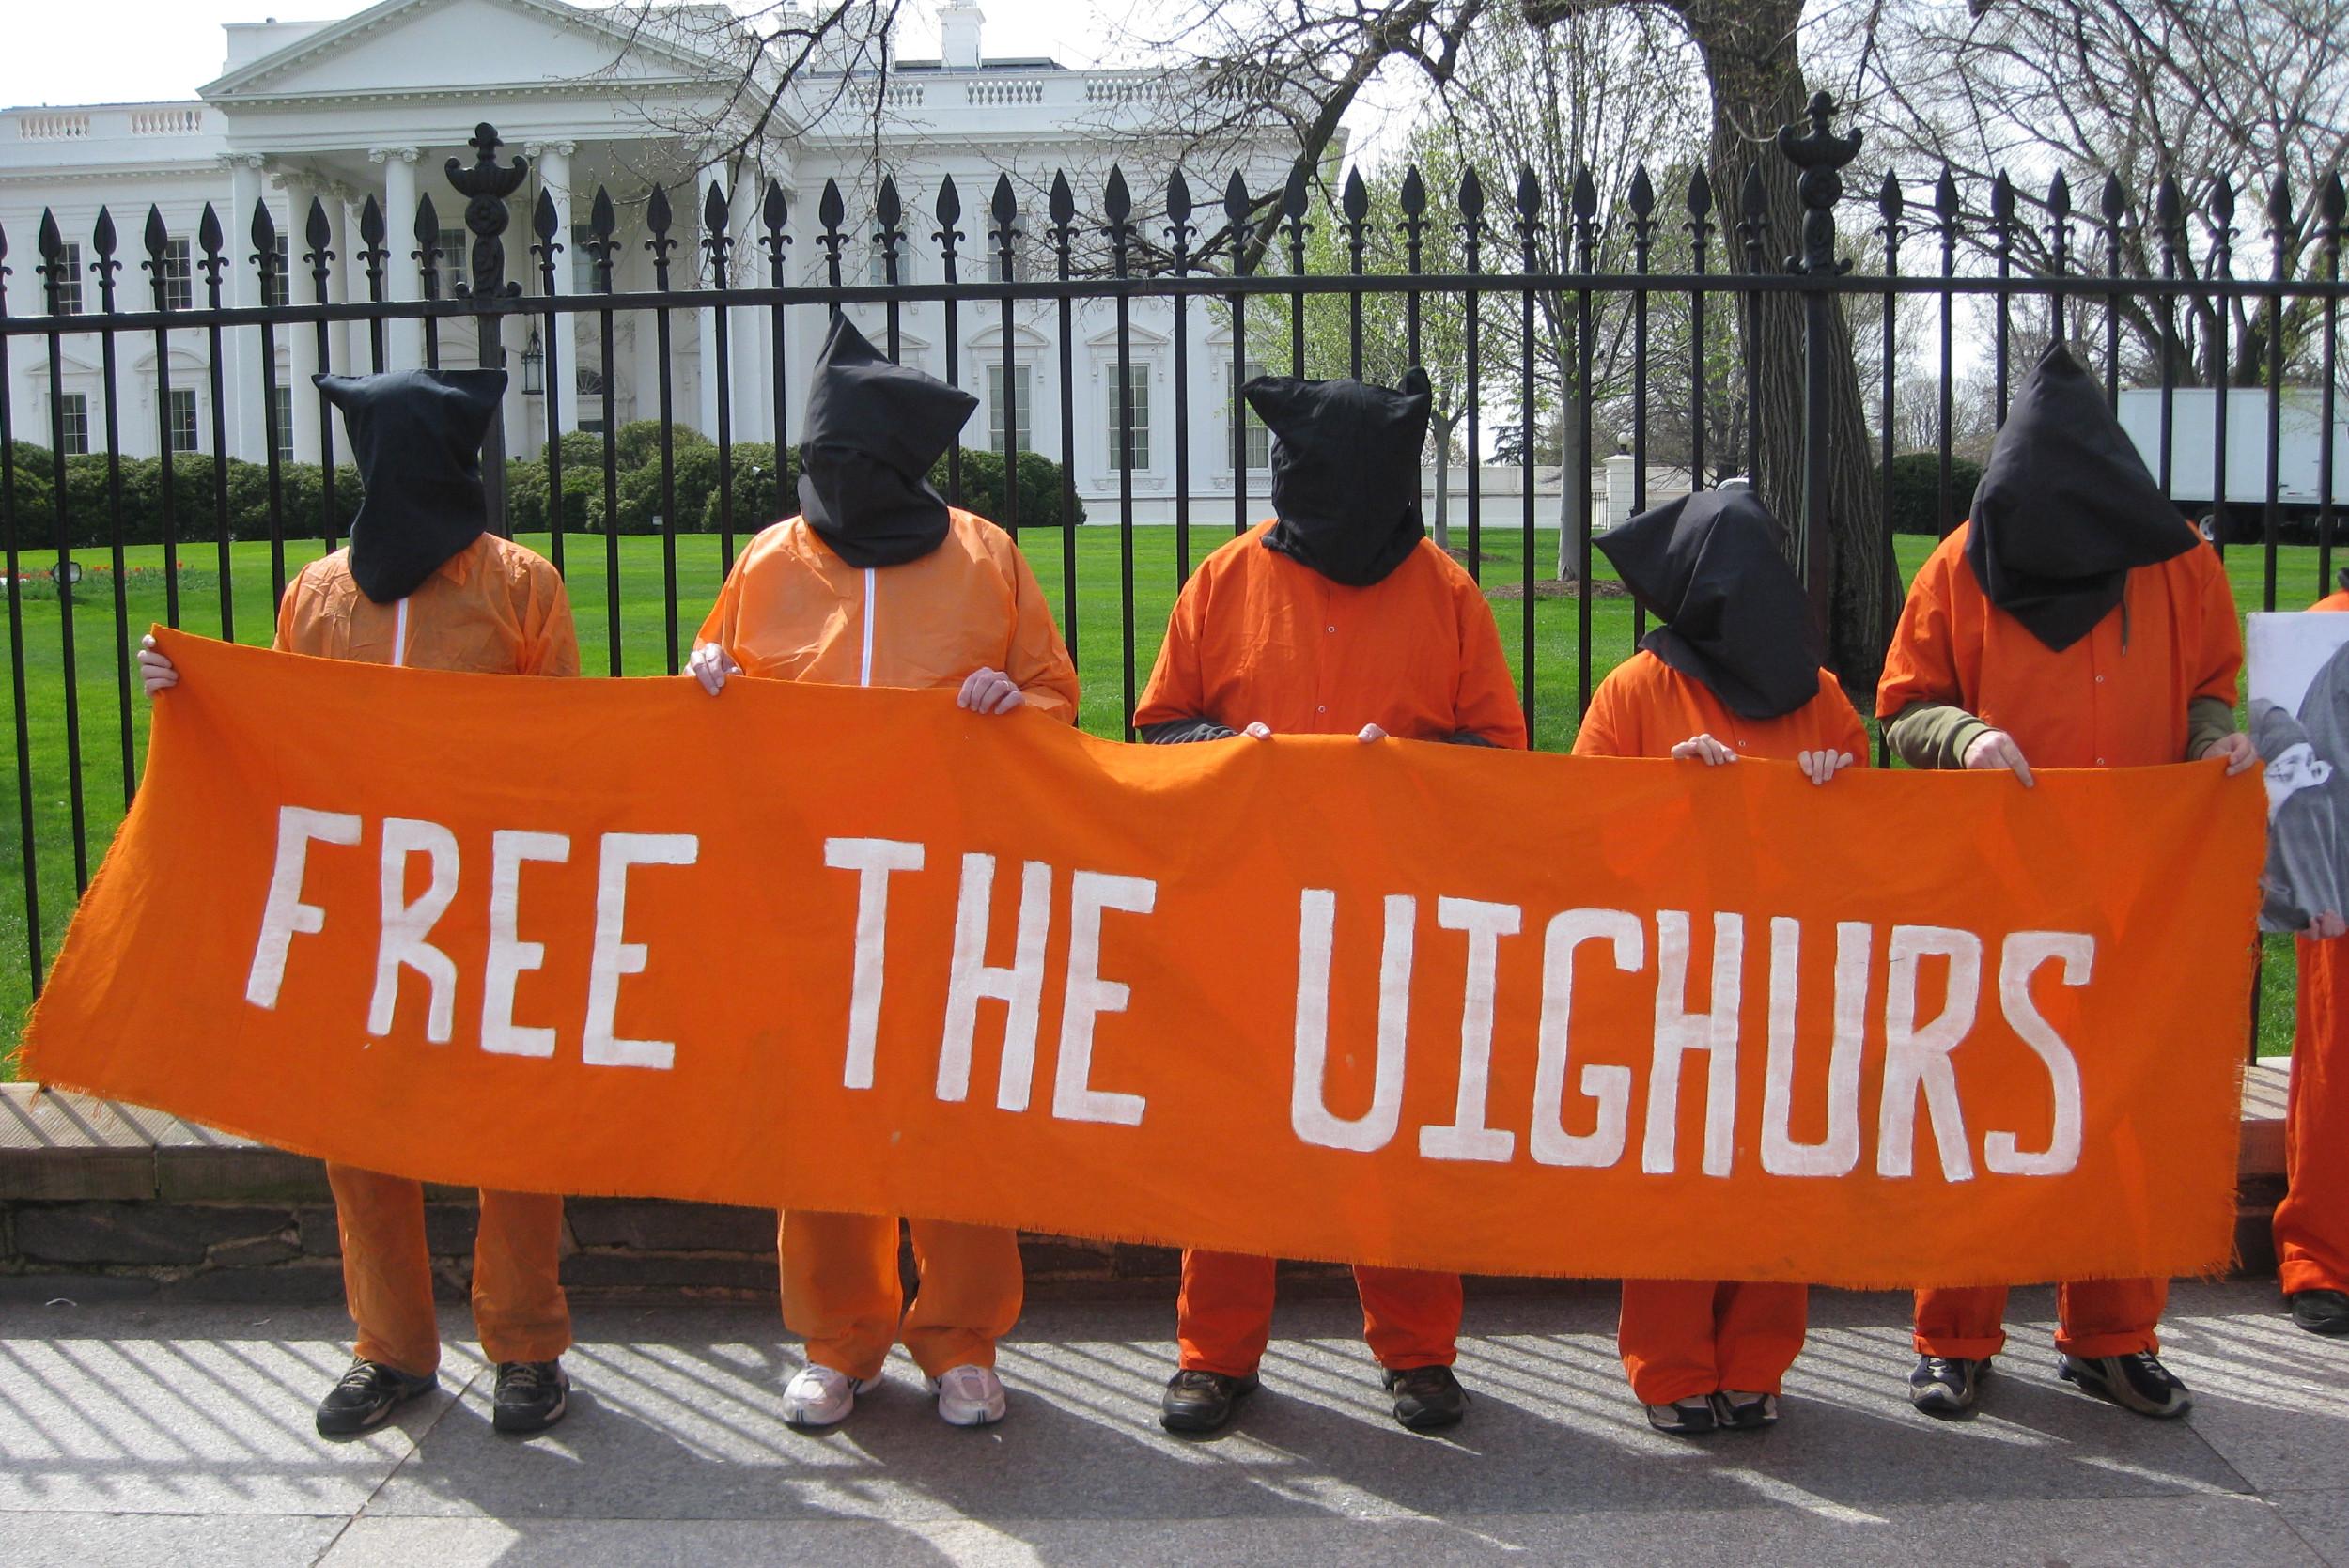 """Активисти за људска права држе транспарент са натписом """"Ослободите Ујгуре"""" испред Беле куће, Вашингтон, 10. април 2009. (Фото: Flickr/futureatlas.com)"""